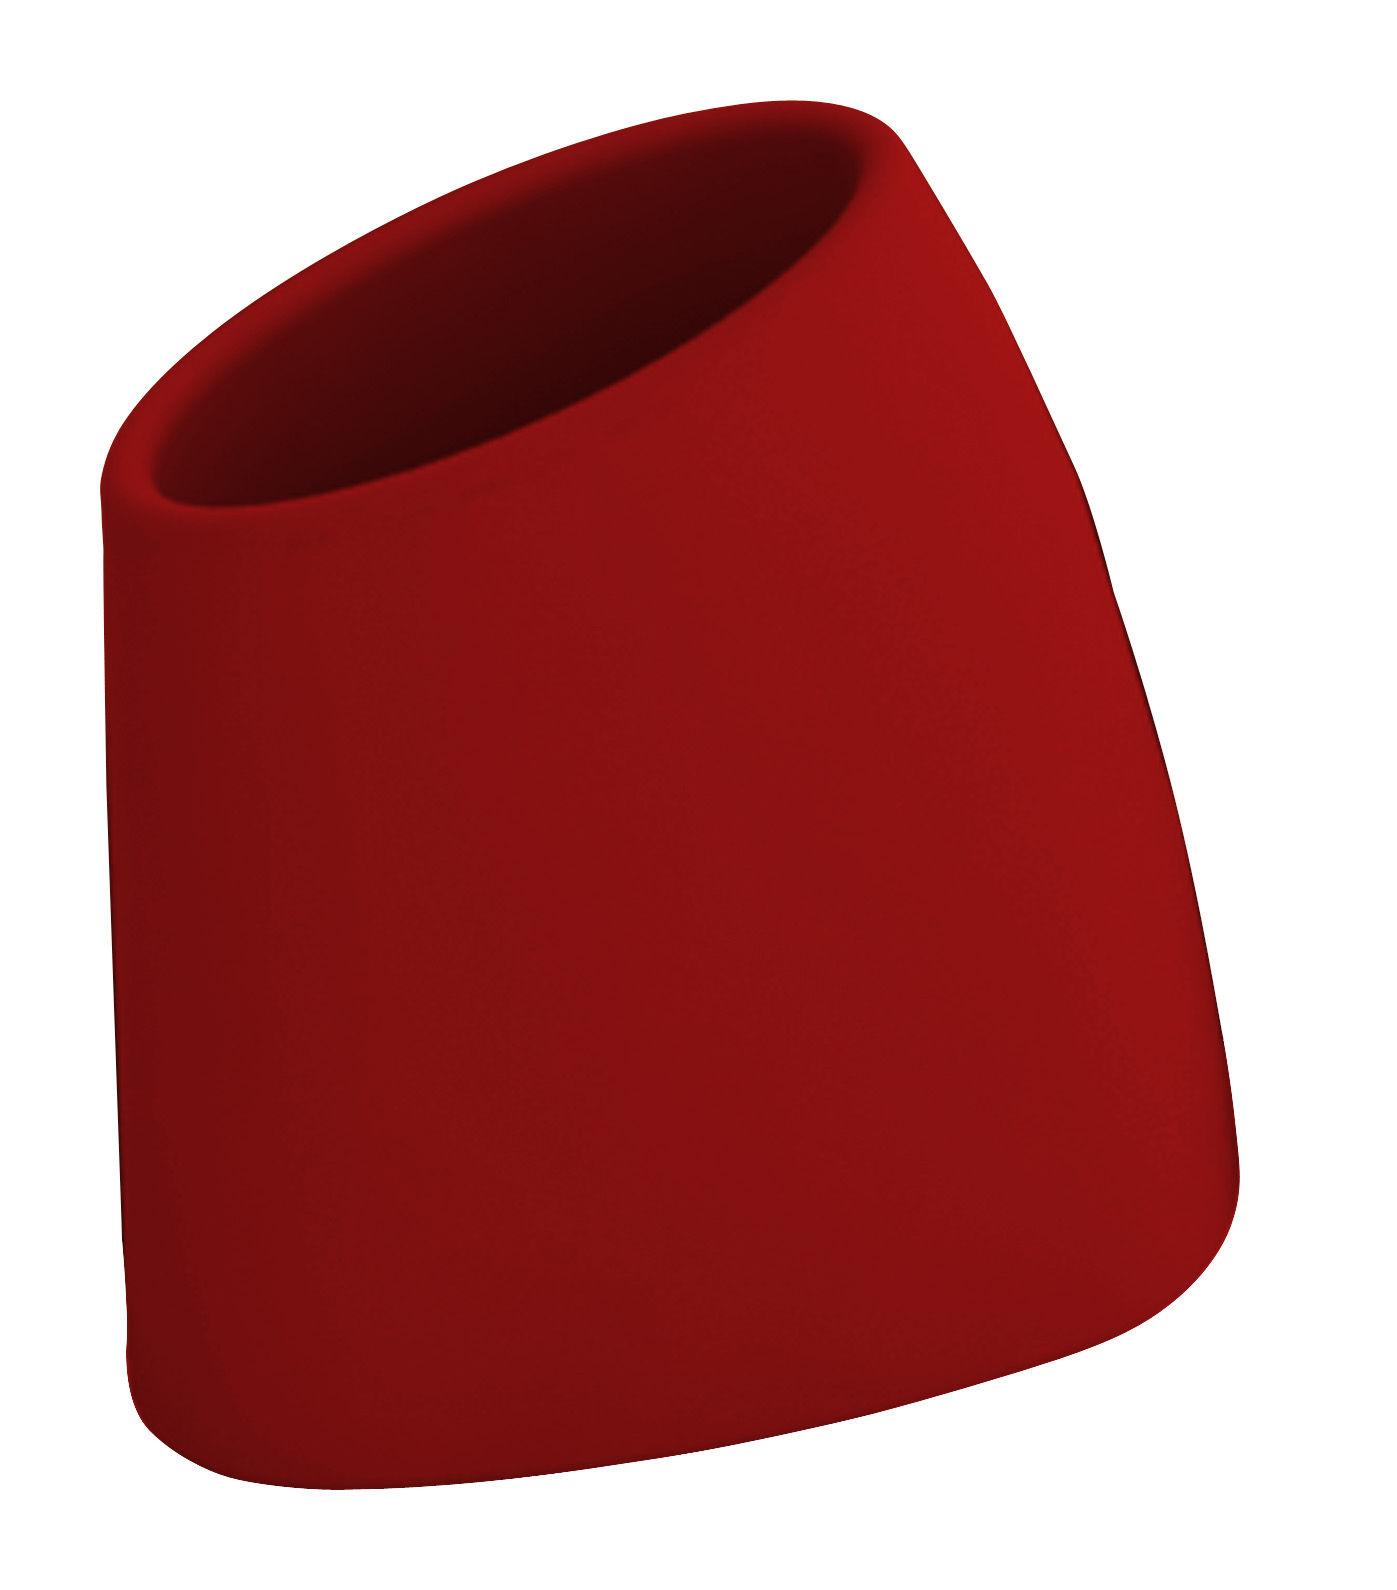 Outdoor - Vasi e Piante - Vaso per fiori Tao M - A 60 cm di MyYour - Rosso - Polietilene rotostampato